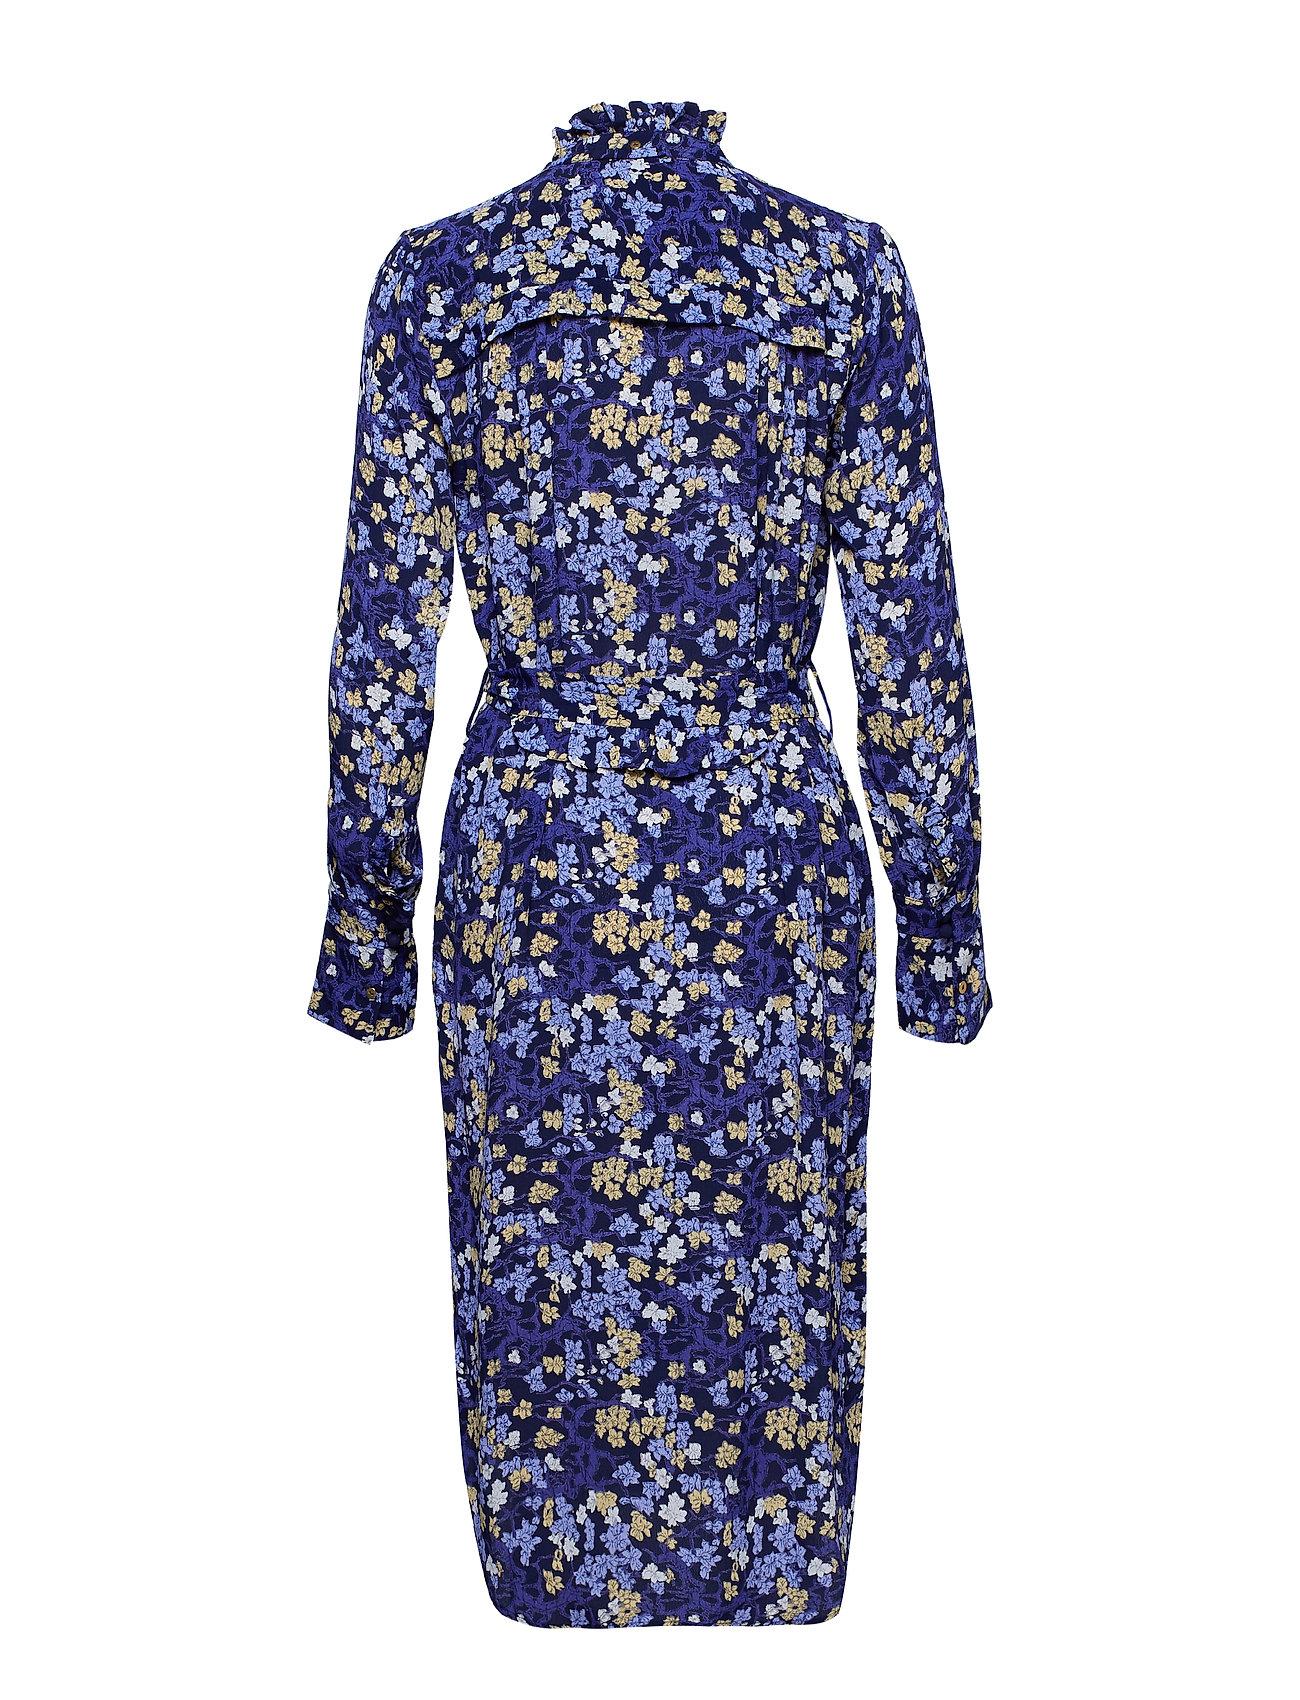 Dress Sleeveprint Sleeveprint BlueNoa Dress BlueNoa Long Dress BlueNoa Long Sleeveprint Dress Long Long BsCxhrdQot